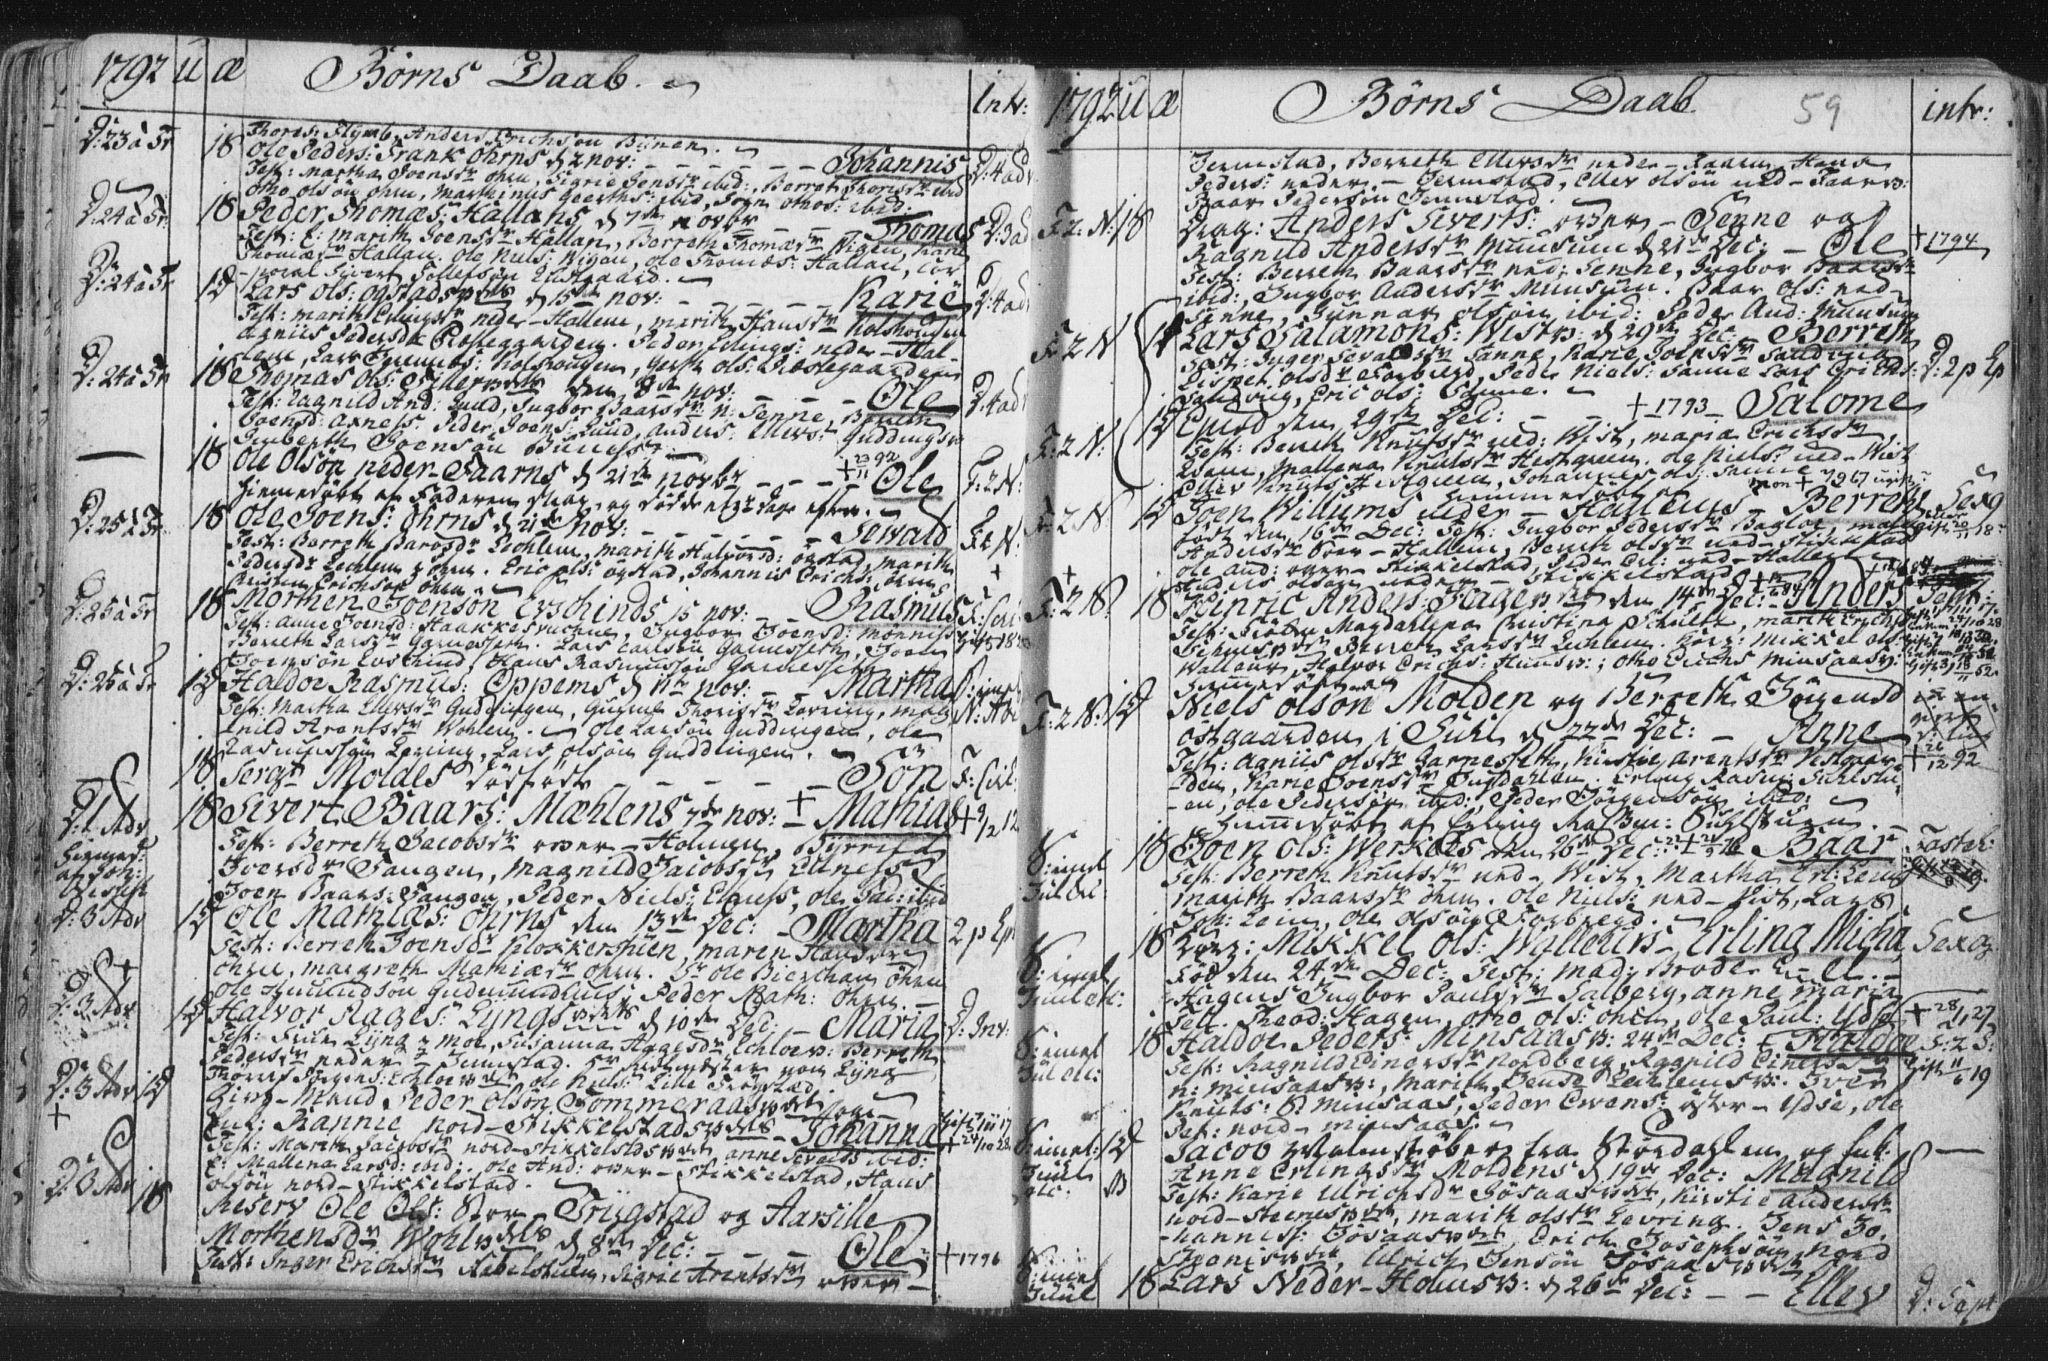 SAT, Ministerialprotokoller, klokkerbøker og fødselsregistre - Nord-Trøndelag, 723/L0232: Ministerialbok nr. 723A03, 1781-1804, s. 59